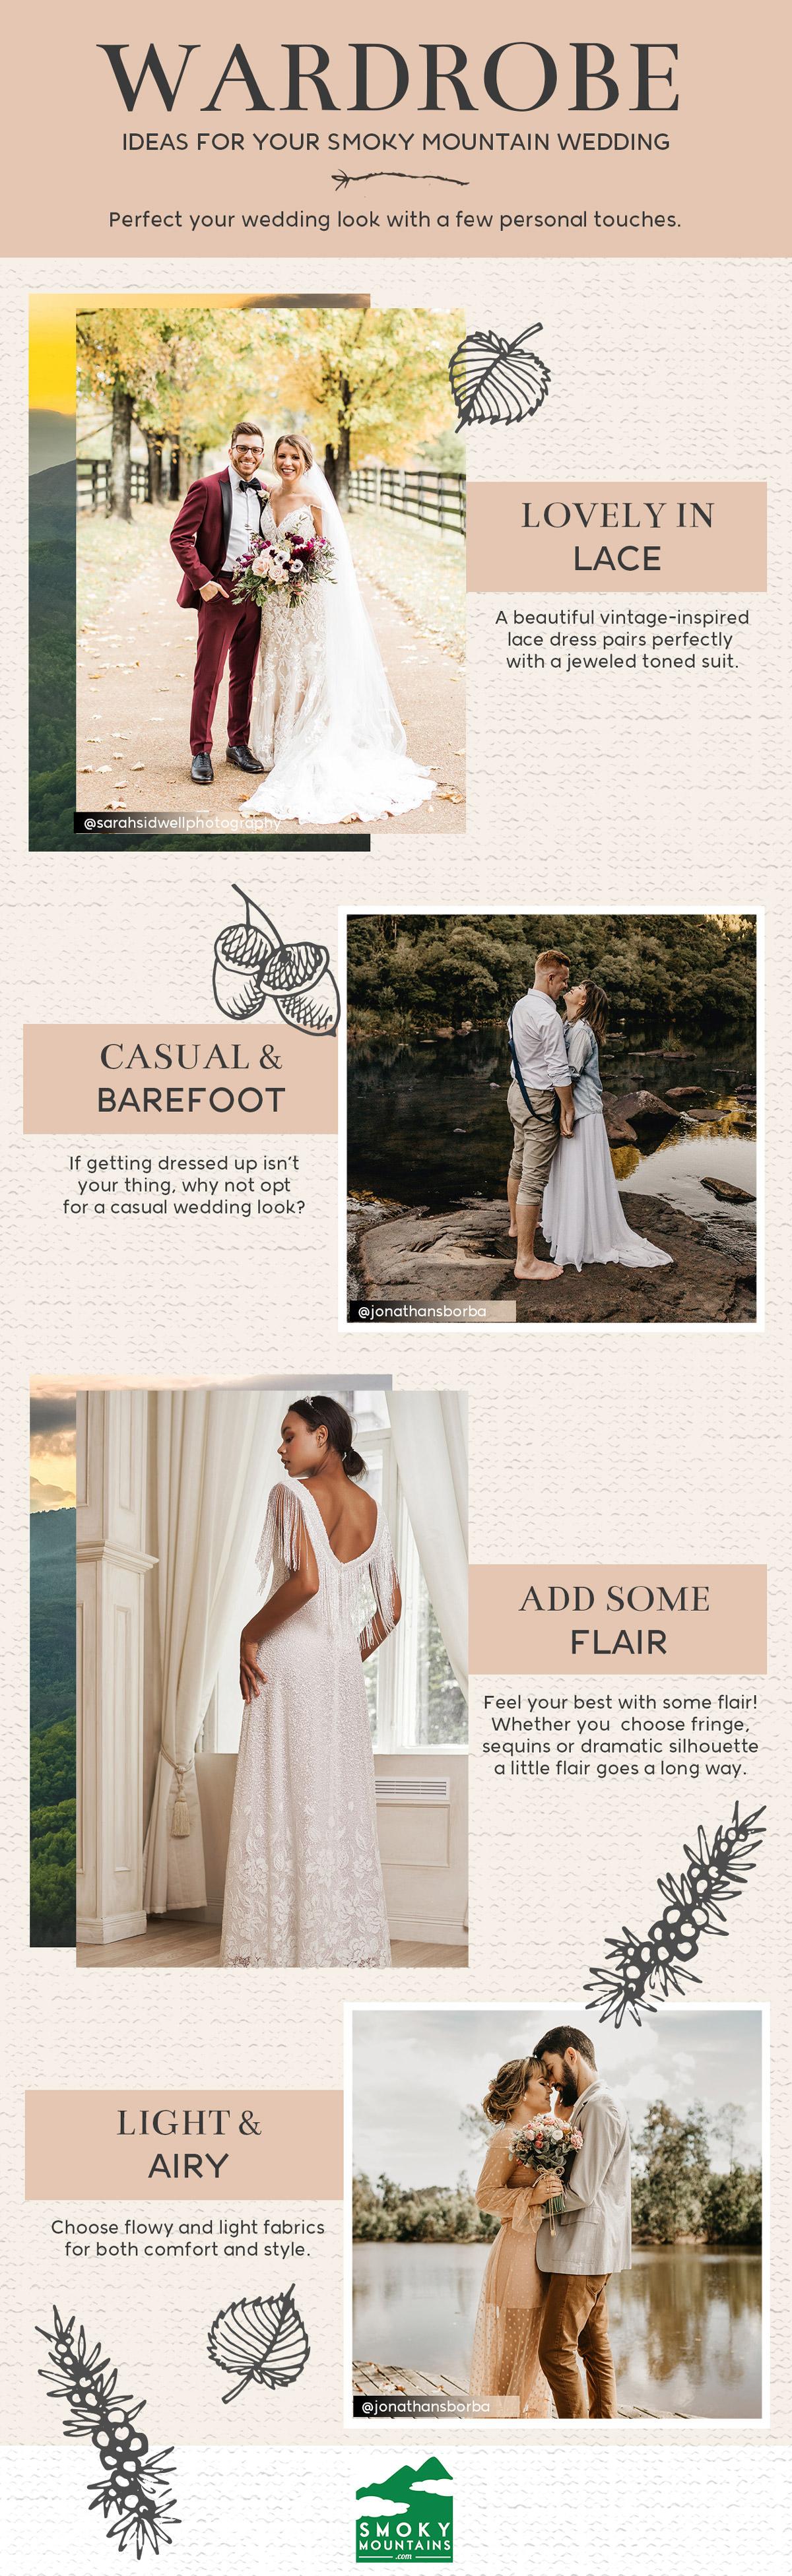 Smoky Mountain Wedding Wardrobe Ideas